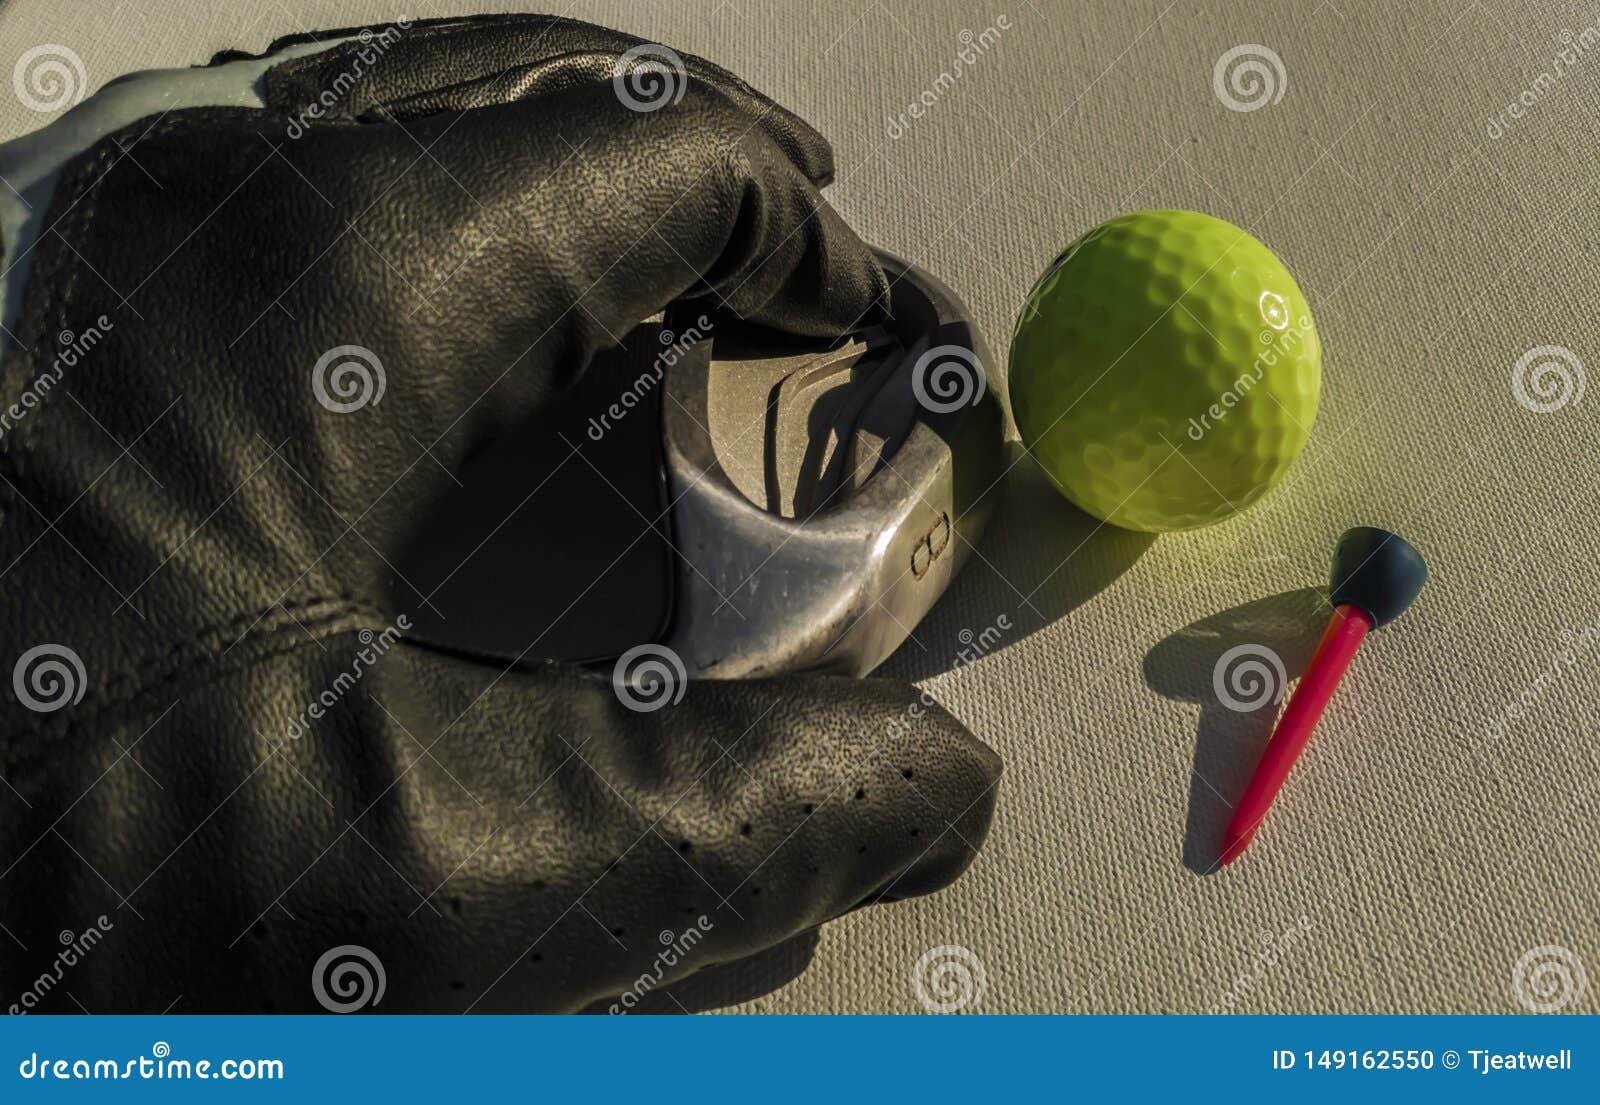 Golfbollklubba och handske